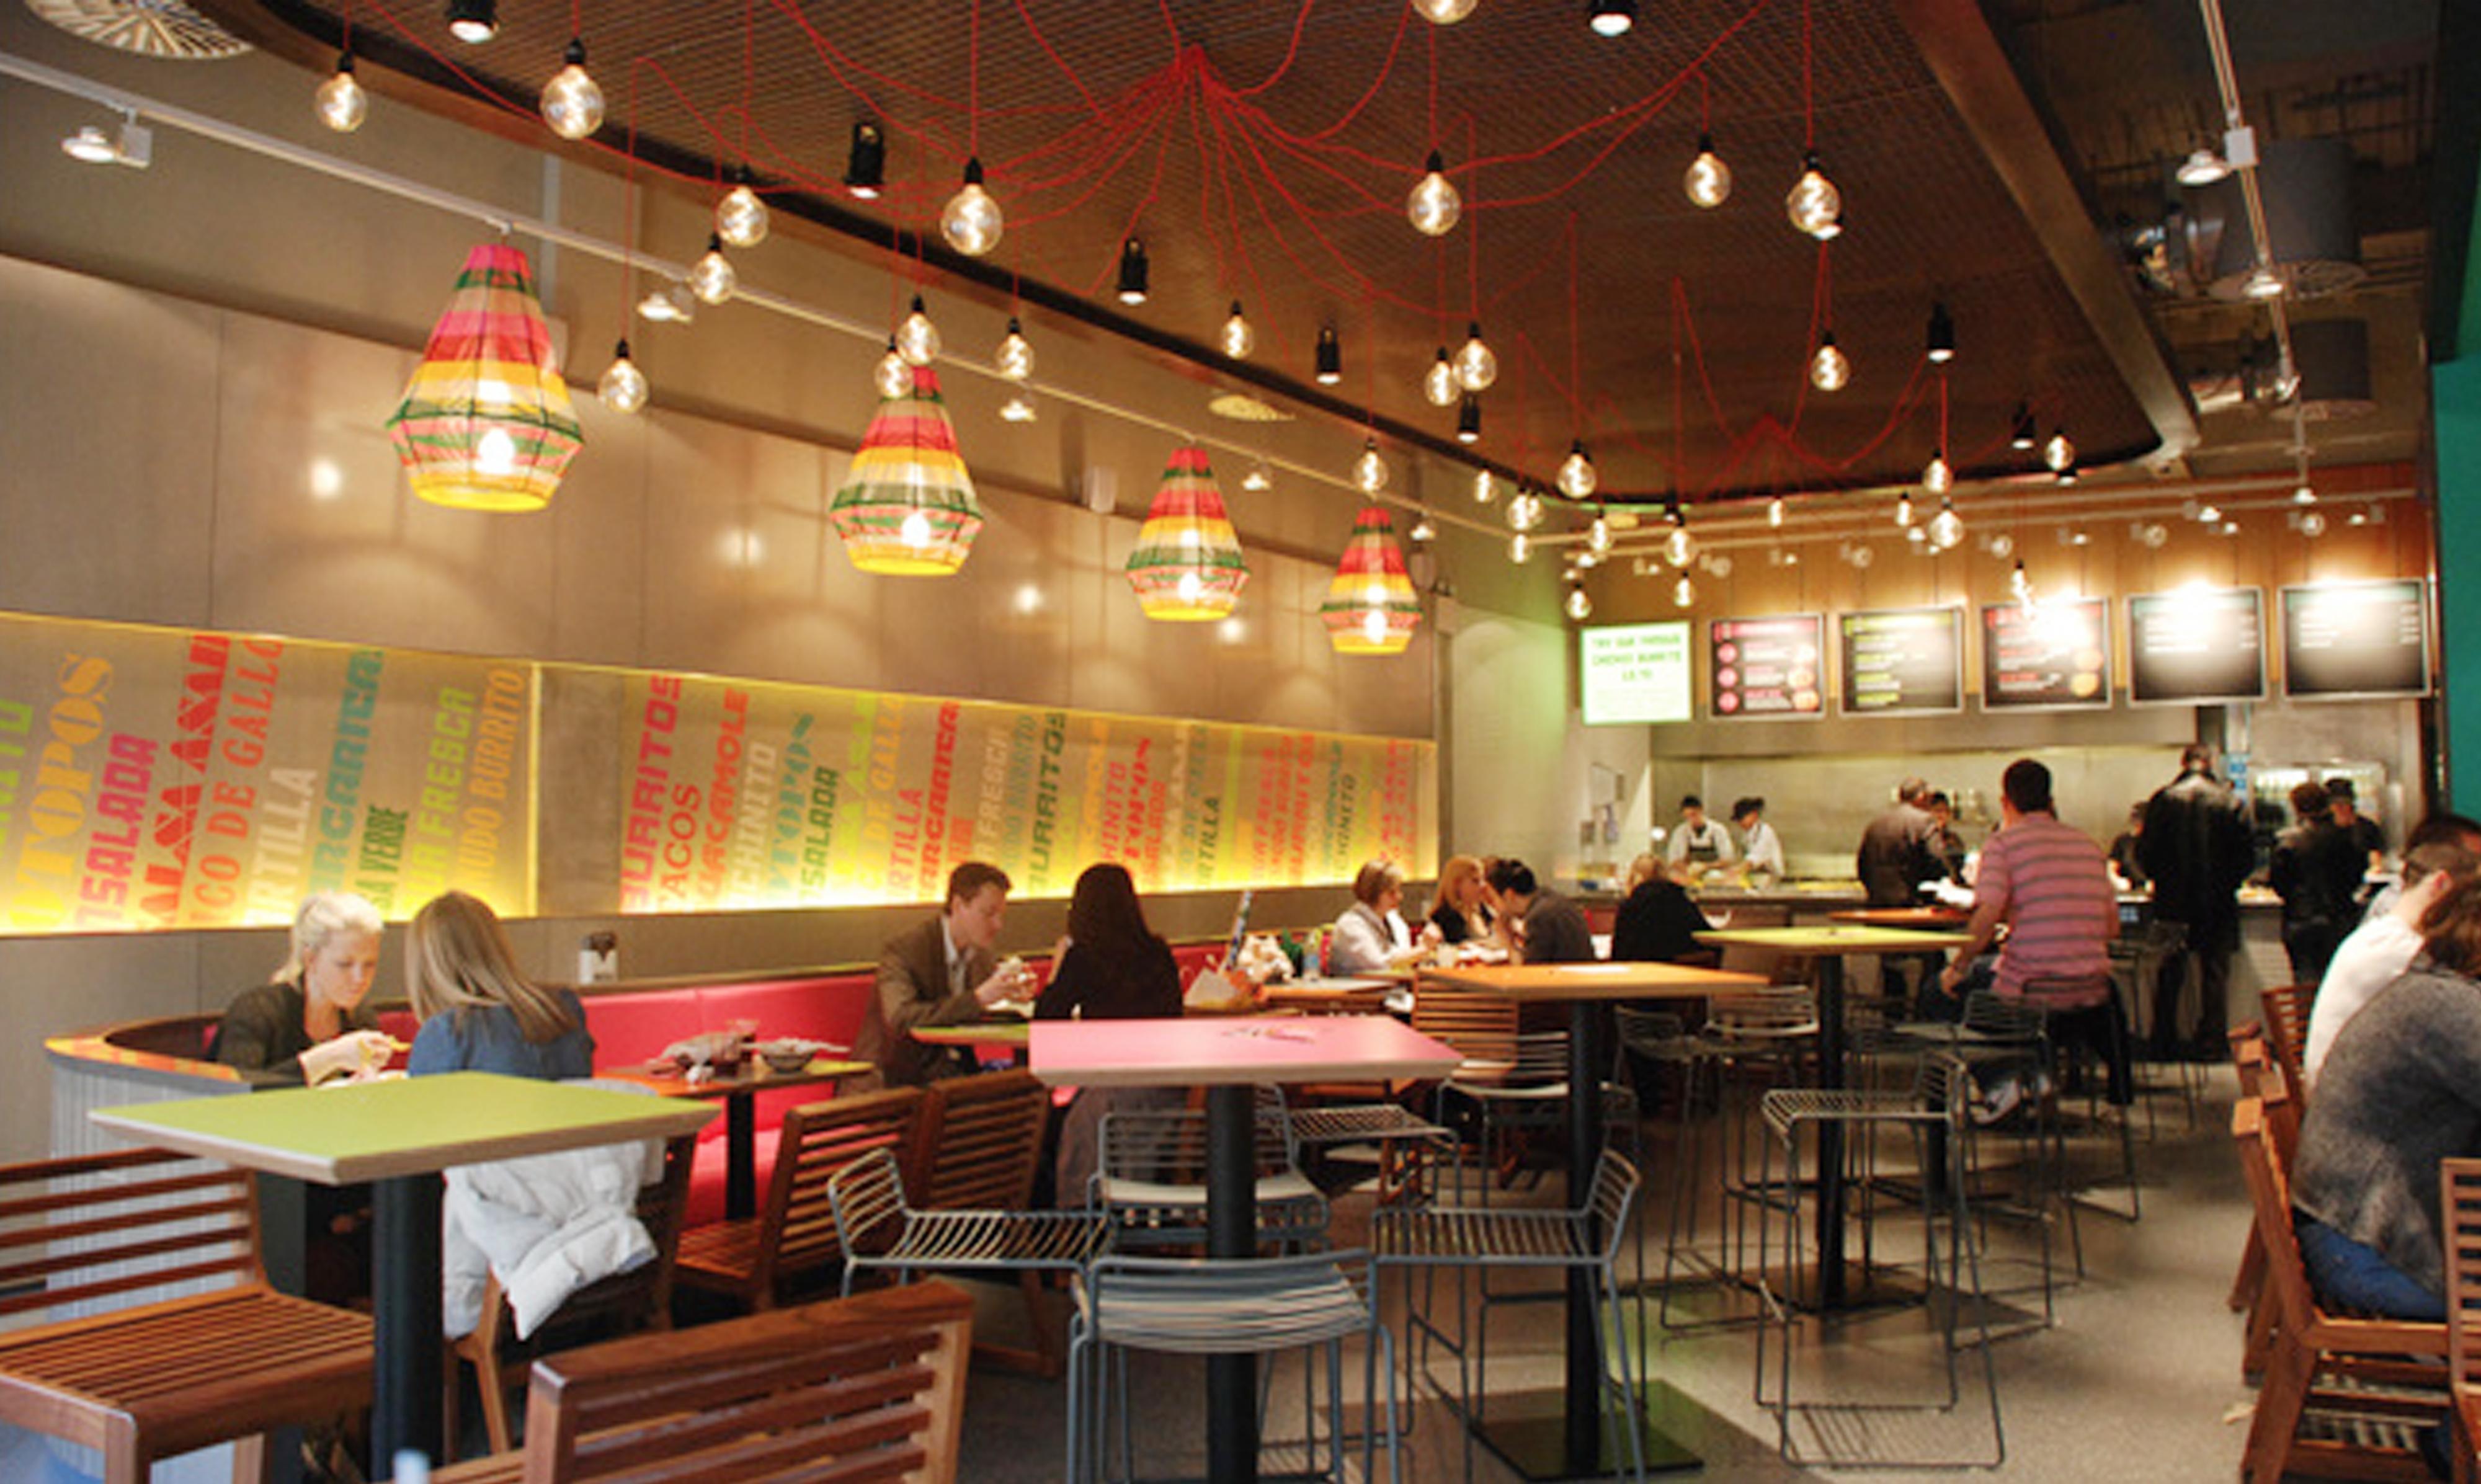 Chilango-Restaurant-hee-chairs